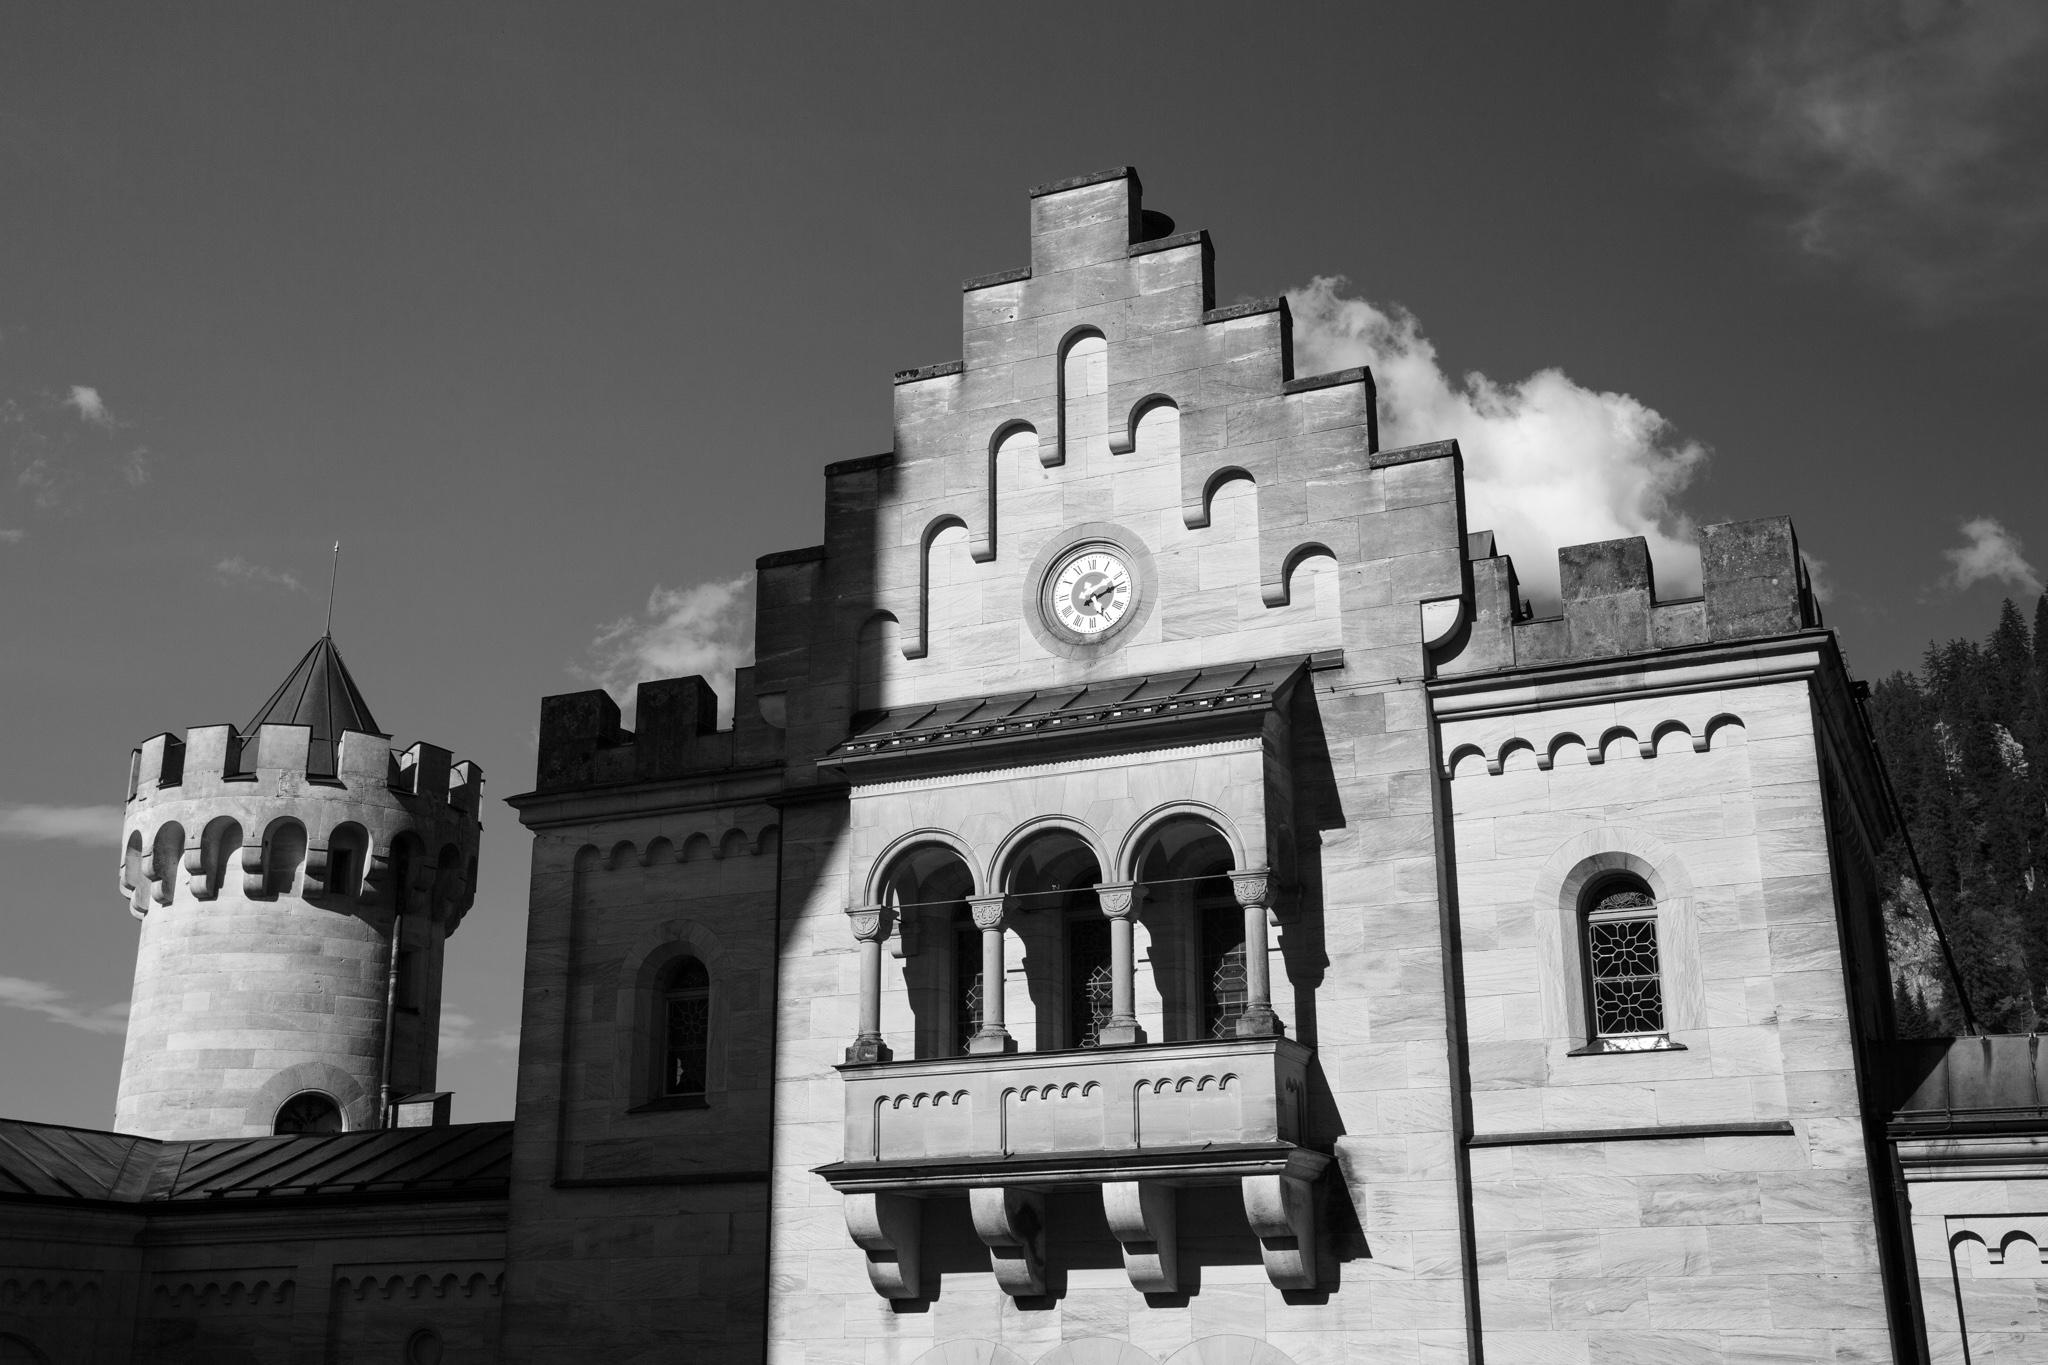 0723-bavarian-city-hdr-photograph.jpg